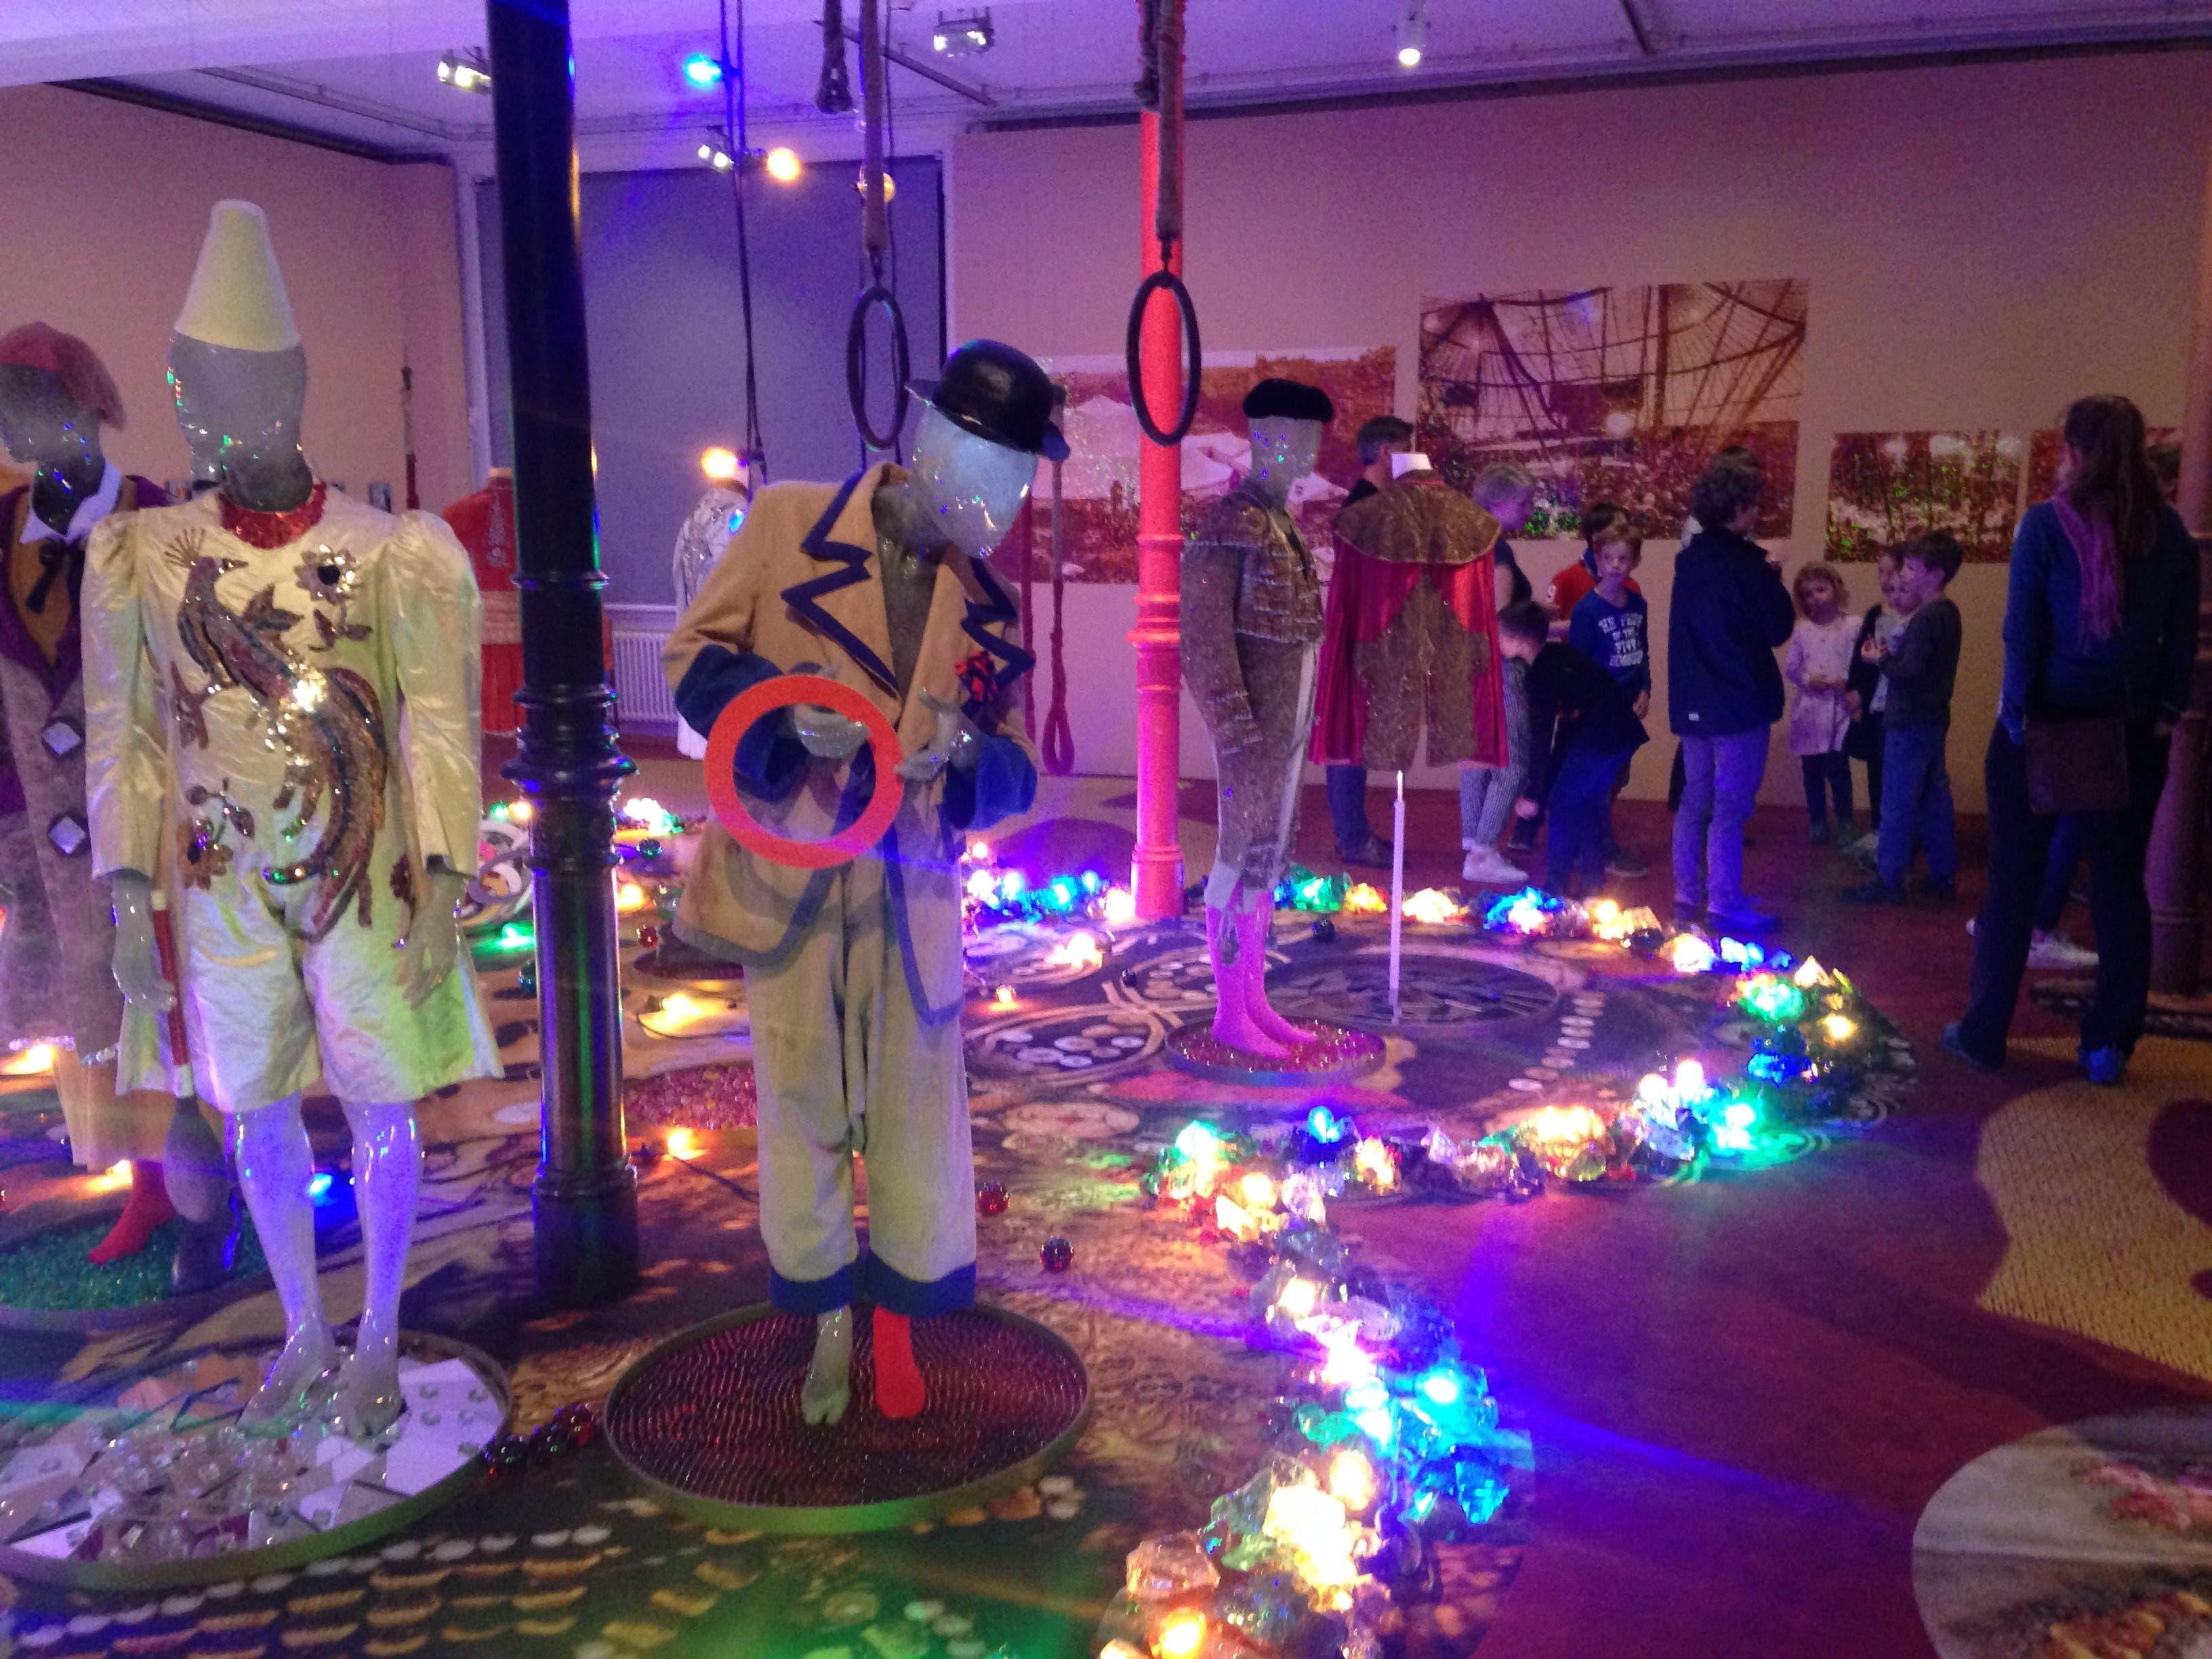 Führung im Textilmuseum: Die stimmungsvolle und sehr sorgfältig gestaltete Ausstellung mit Kostümen aus 100 Jahren Circus Knie zog ebenfalls viele grosse und kleine Besucherinnen und Besucher in ihren Bann.